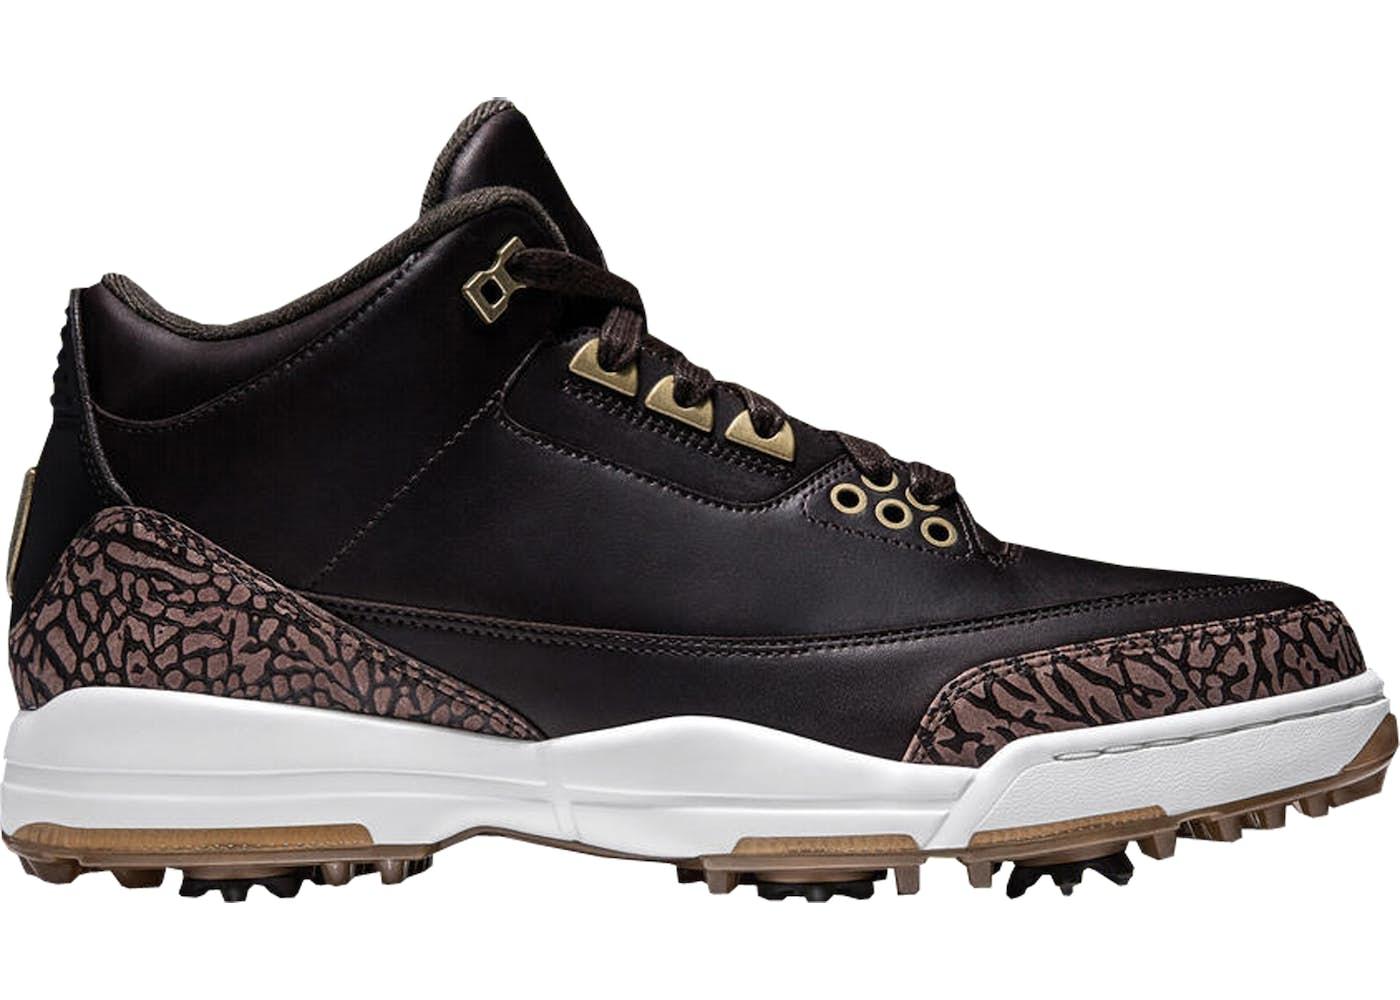 Jordan Golf Shoes For Sale Size